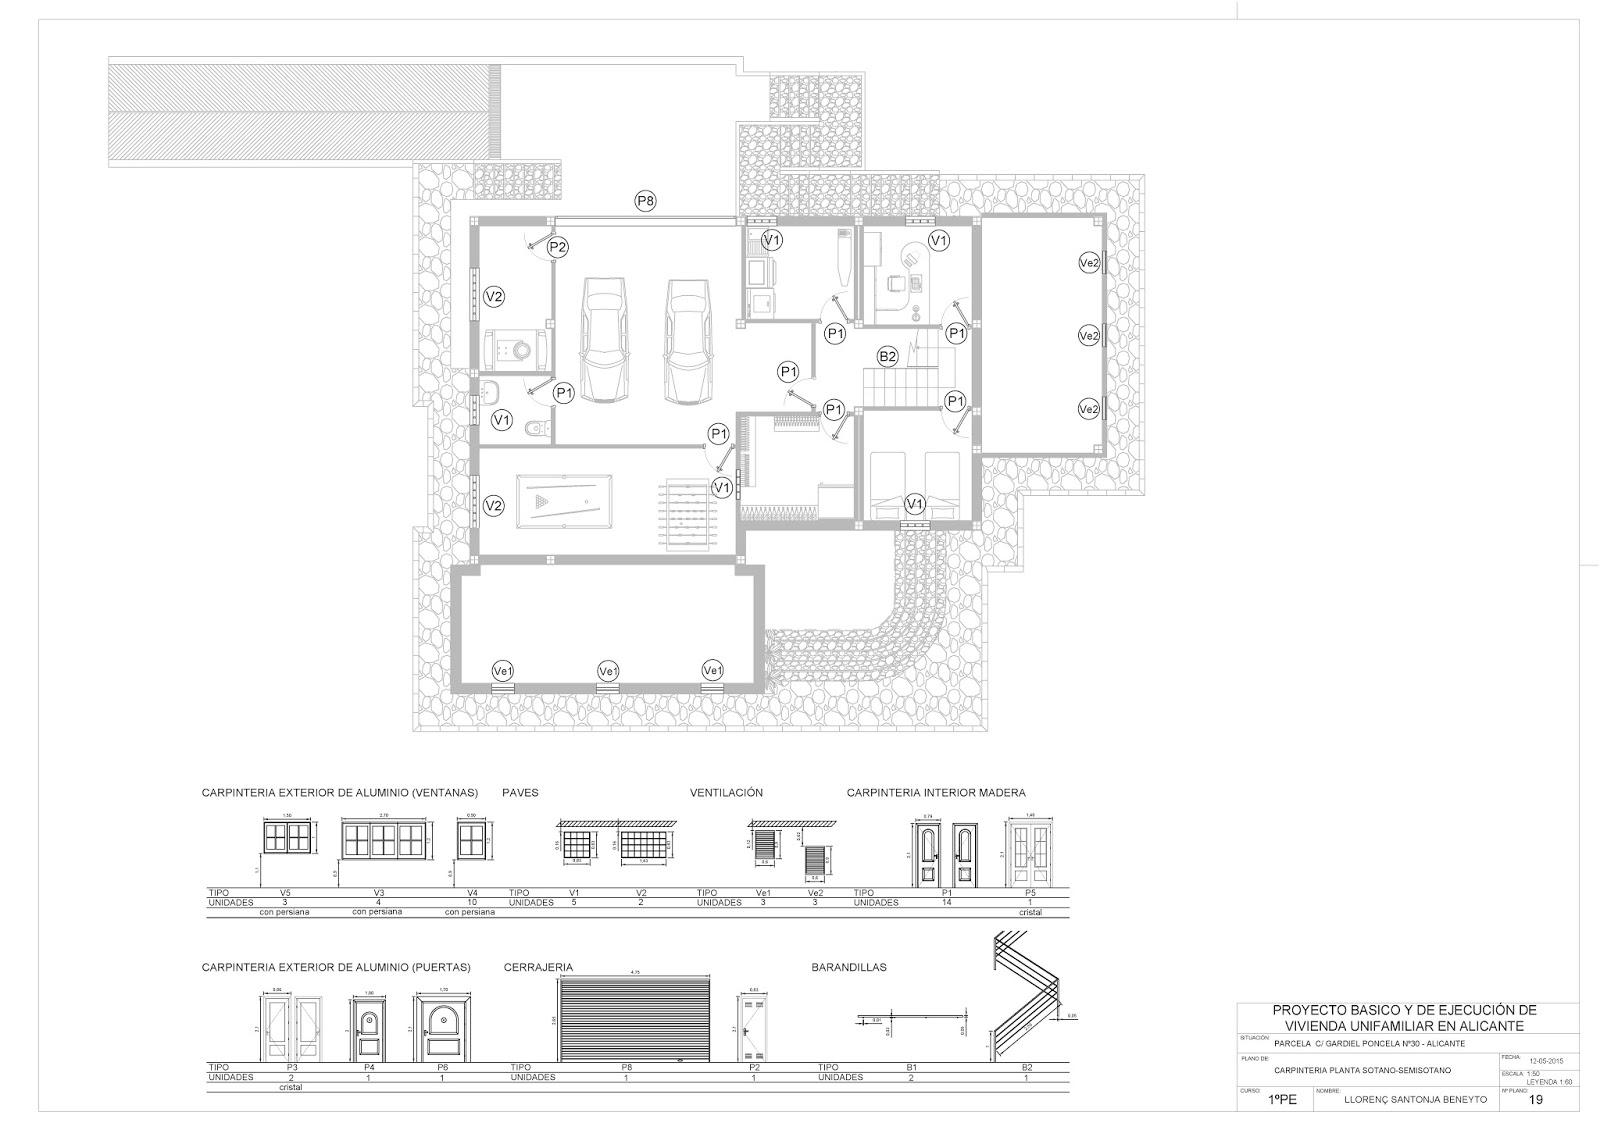 Rc i e s gran v a alicante pr ctica 10 19 20 21 planos for Planos carpinteria